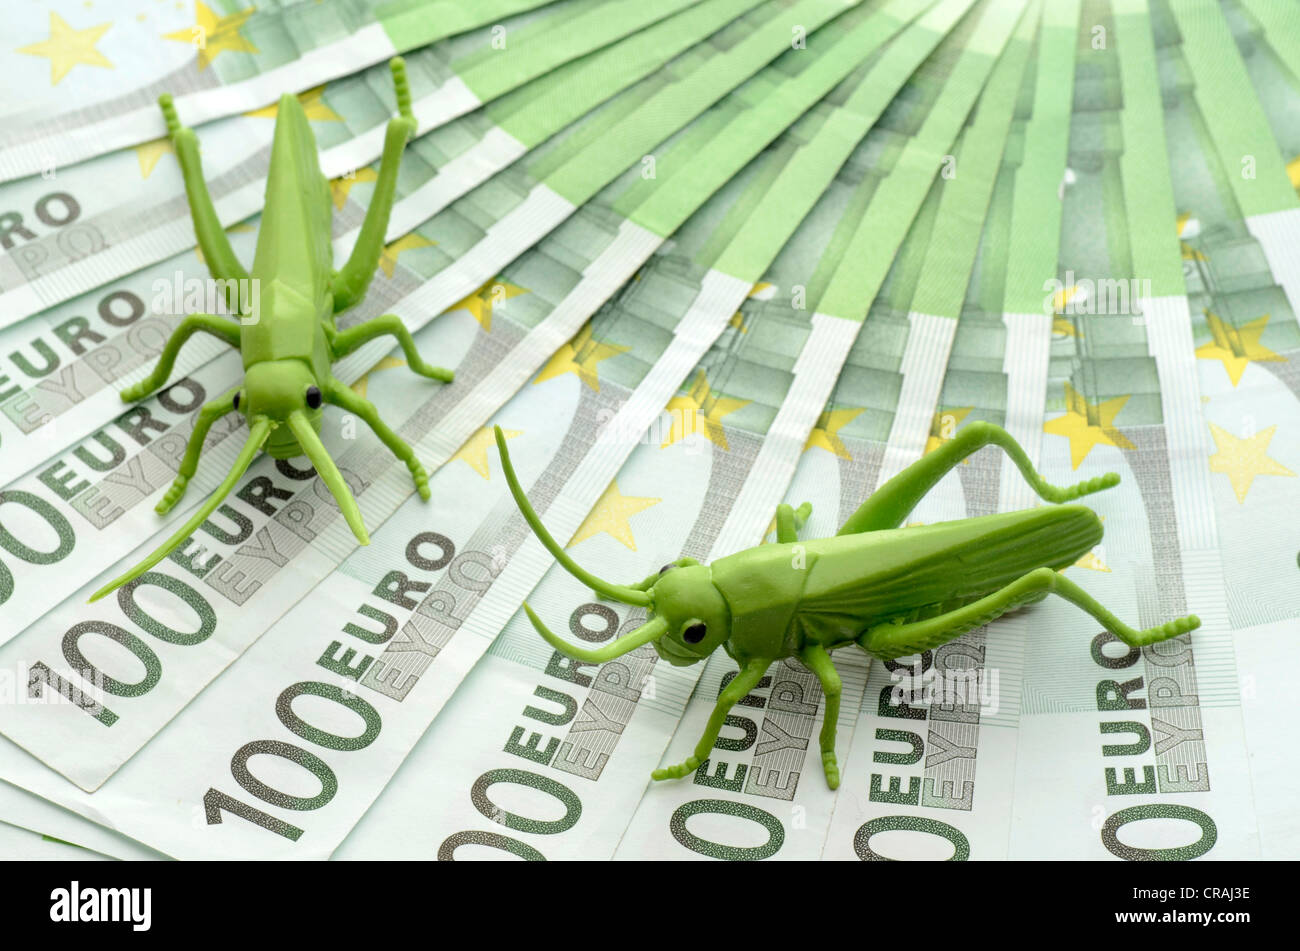 Les criquets sur les billets en euros, image symbolique de la crise de l'euro et les sociétés bénéficiant Photo Stock